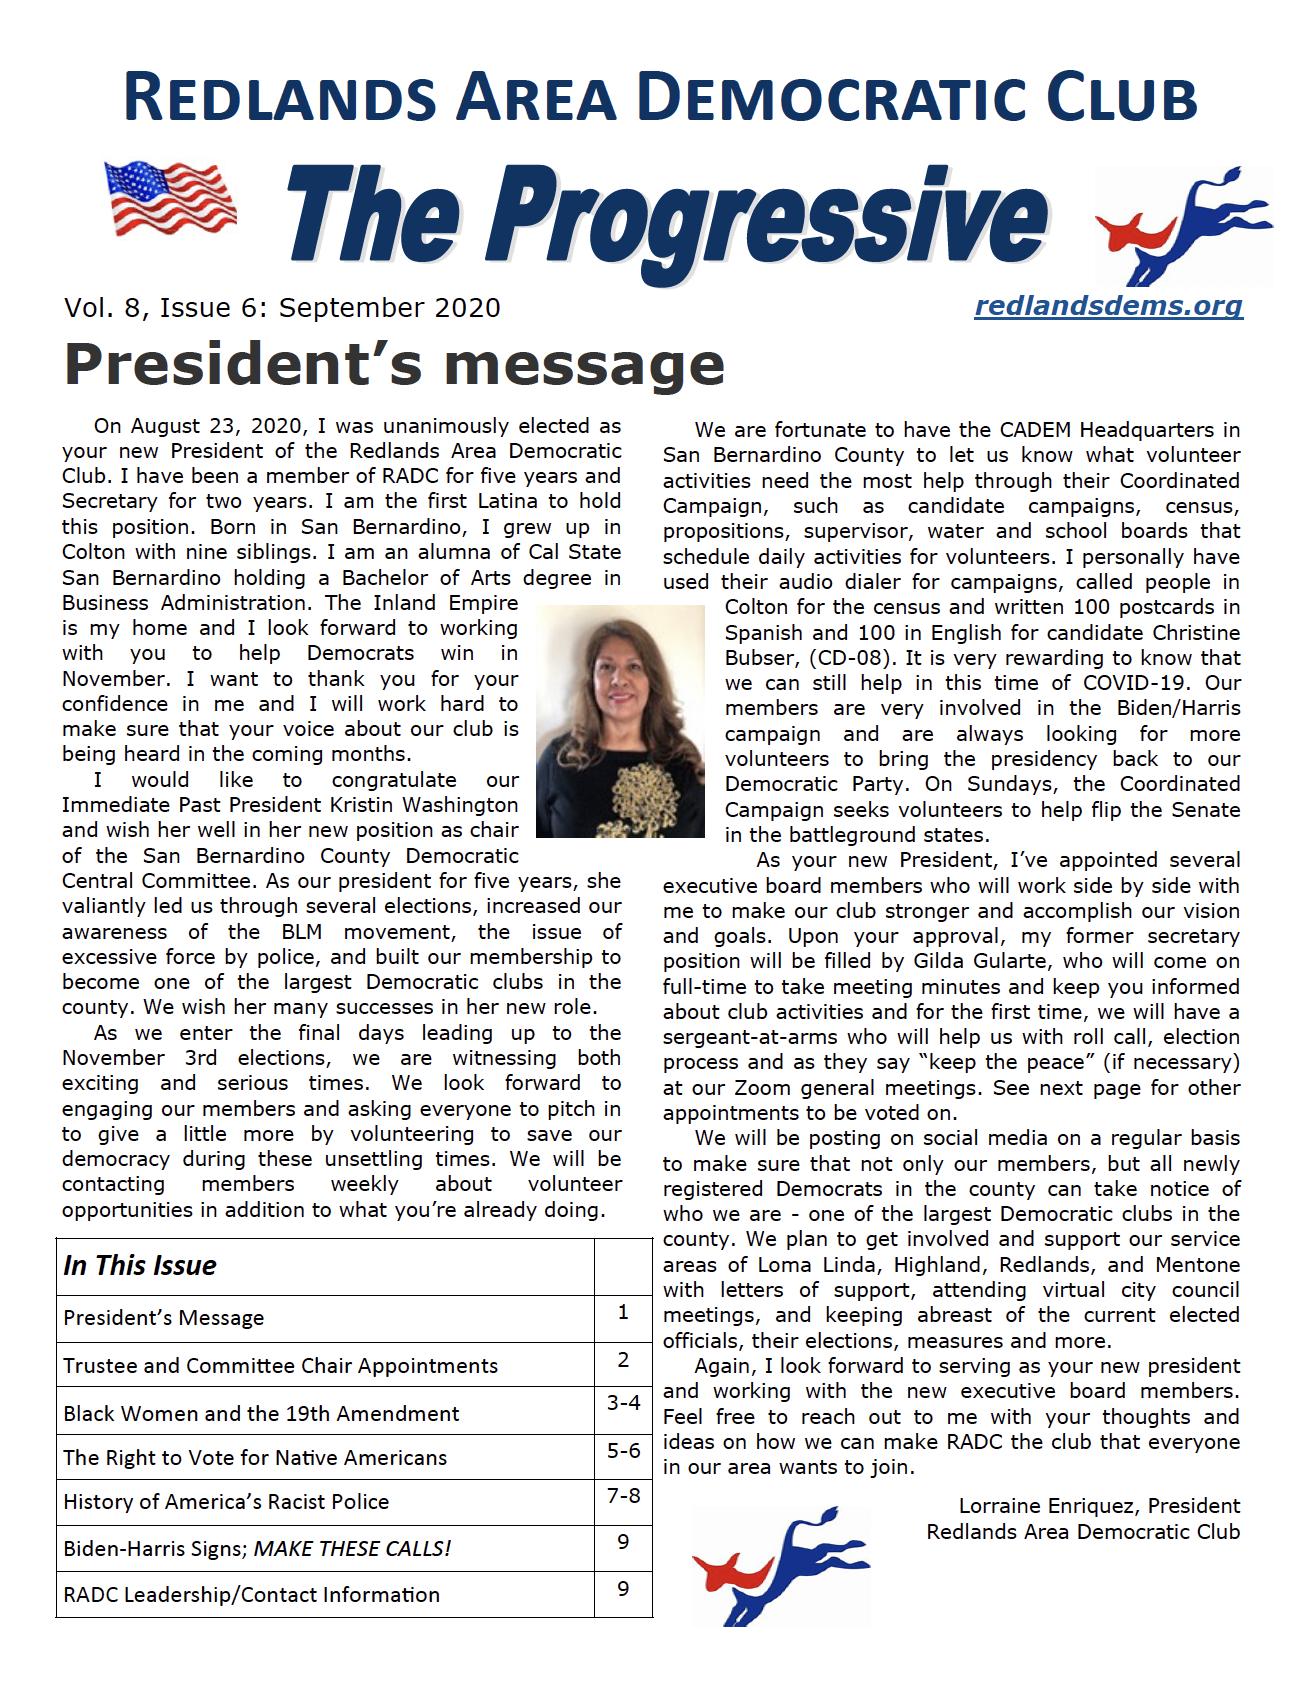 September 2020 Progressive Newsletter